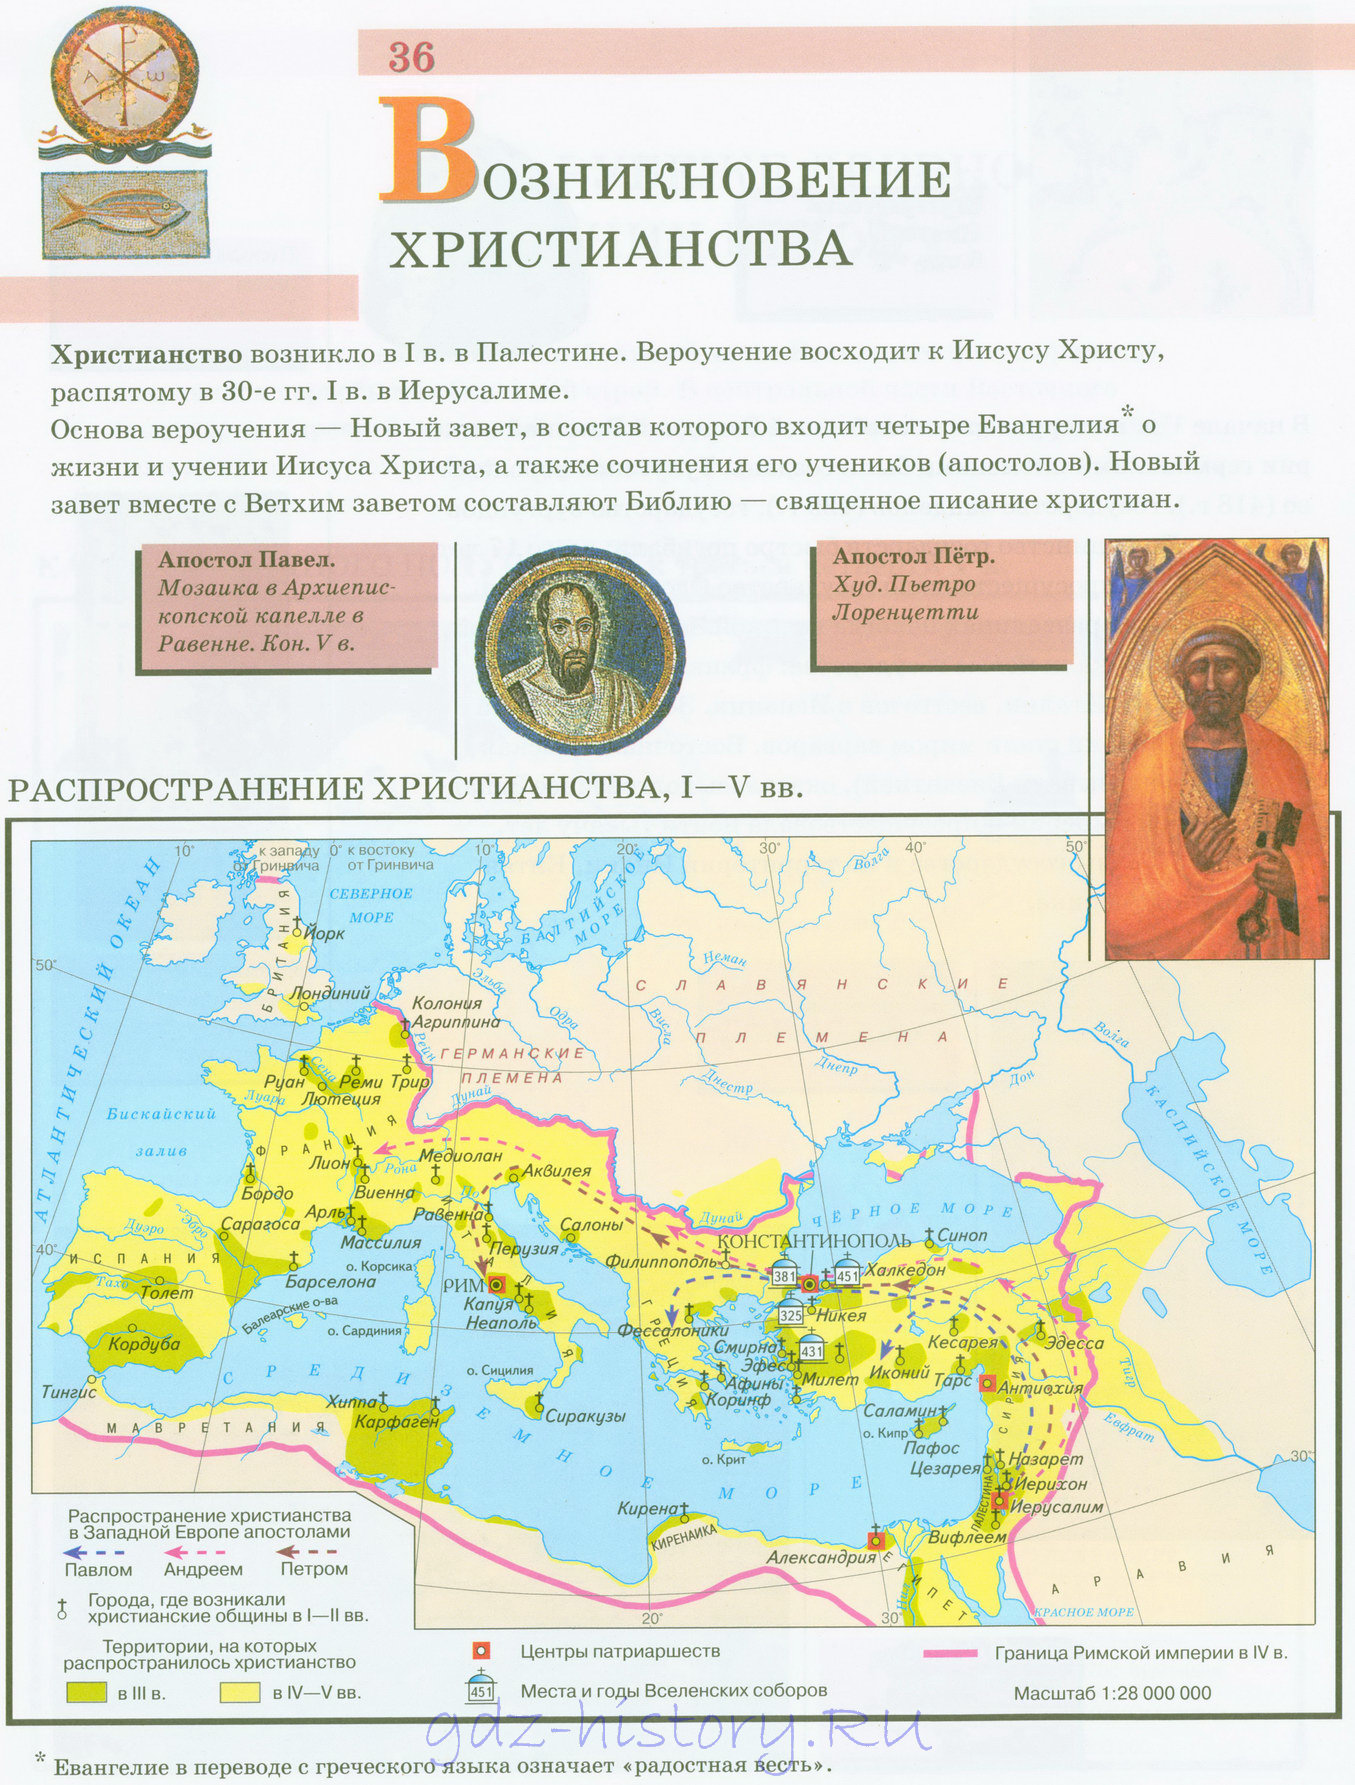 Решебник по истории 5 класс древнего мира бесплатно онлайн